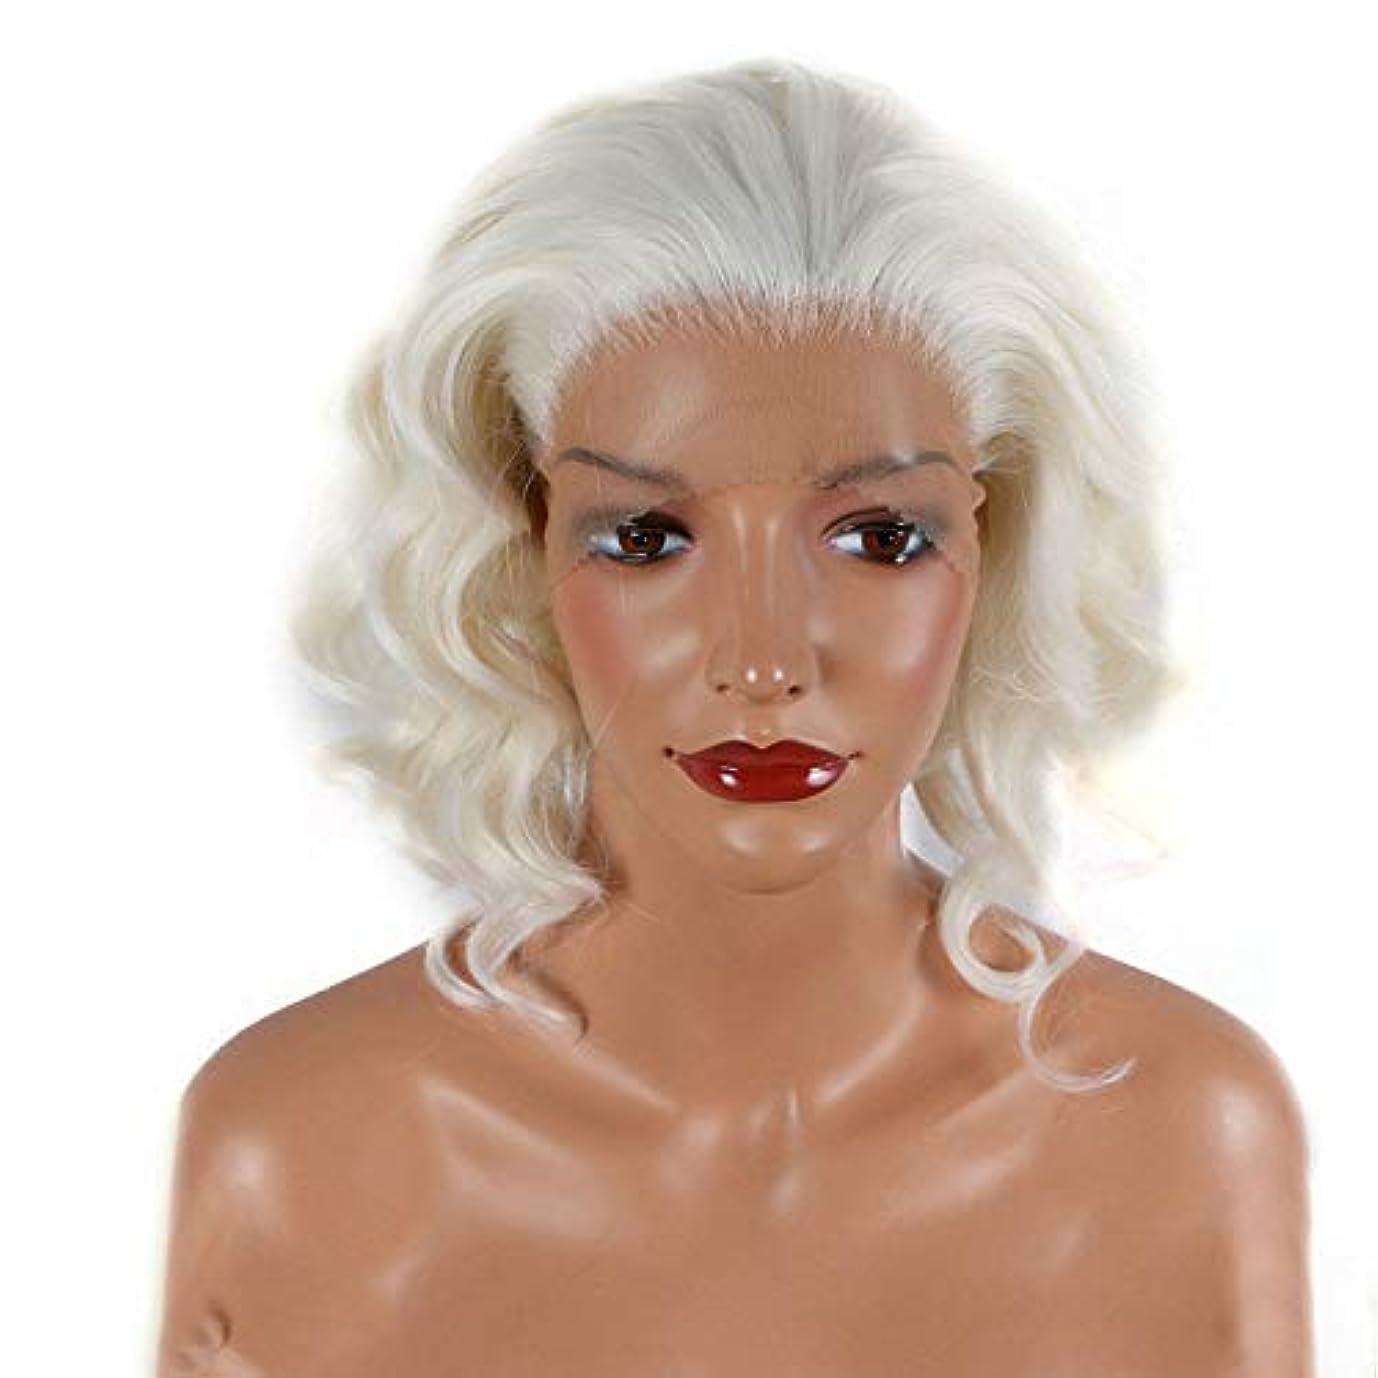 見つけるそこから汚染するYOUQIU 女性の日常かつらのために女子ショートボブスタイルカーリー白毛ウィッグ (色 : ホワイト)